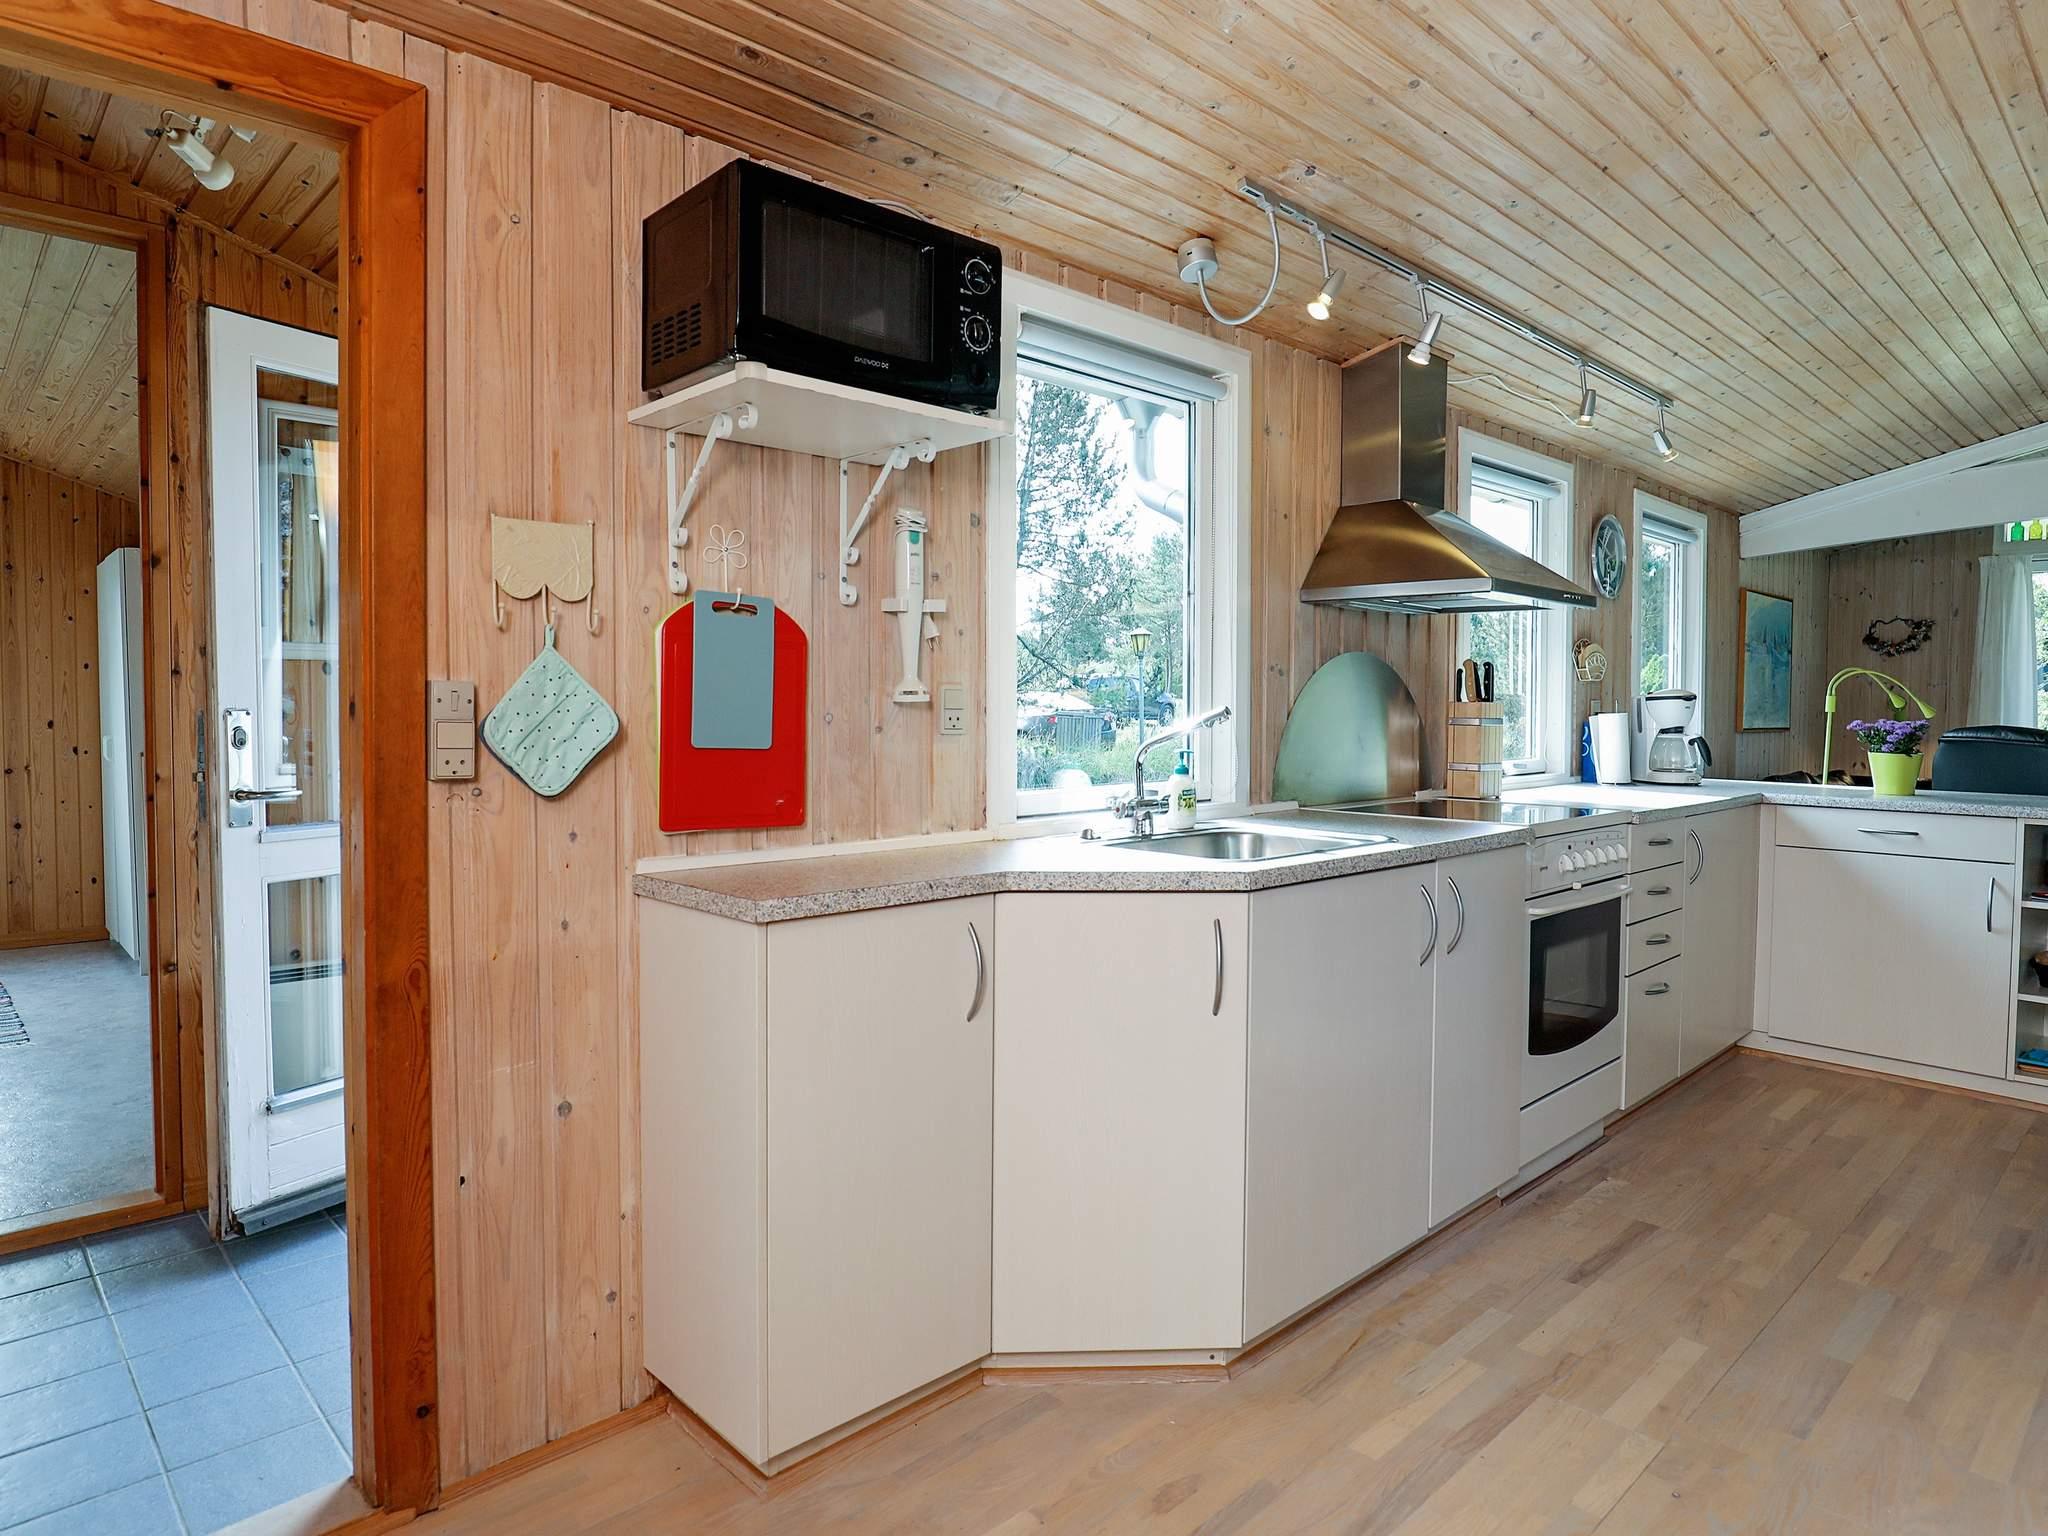 Ferienhaus Kjul Strand (2523809), Hirtshals, , Nordwestjütland, Dänemark, Bild 2